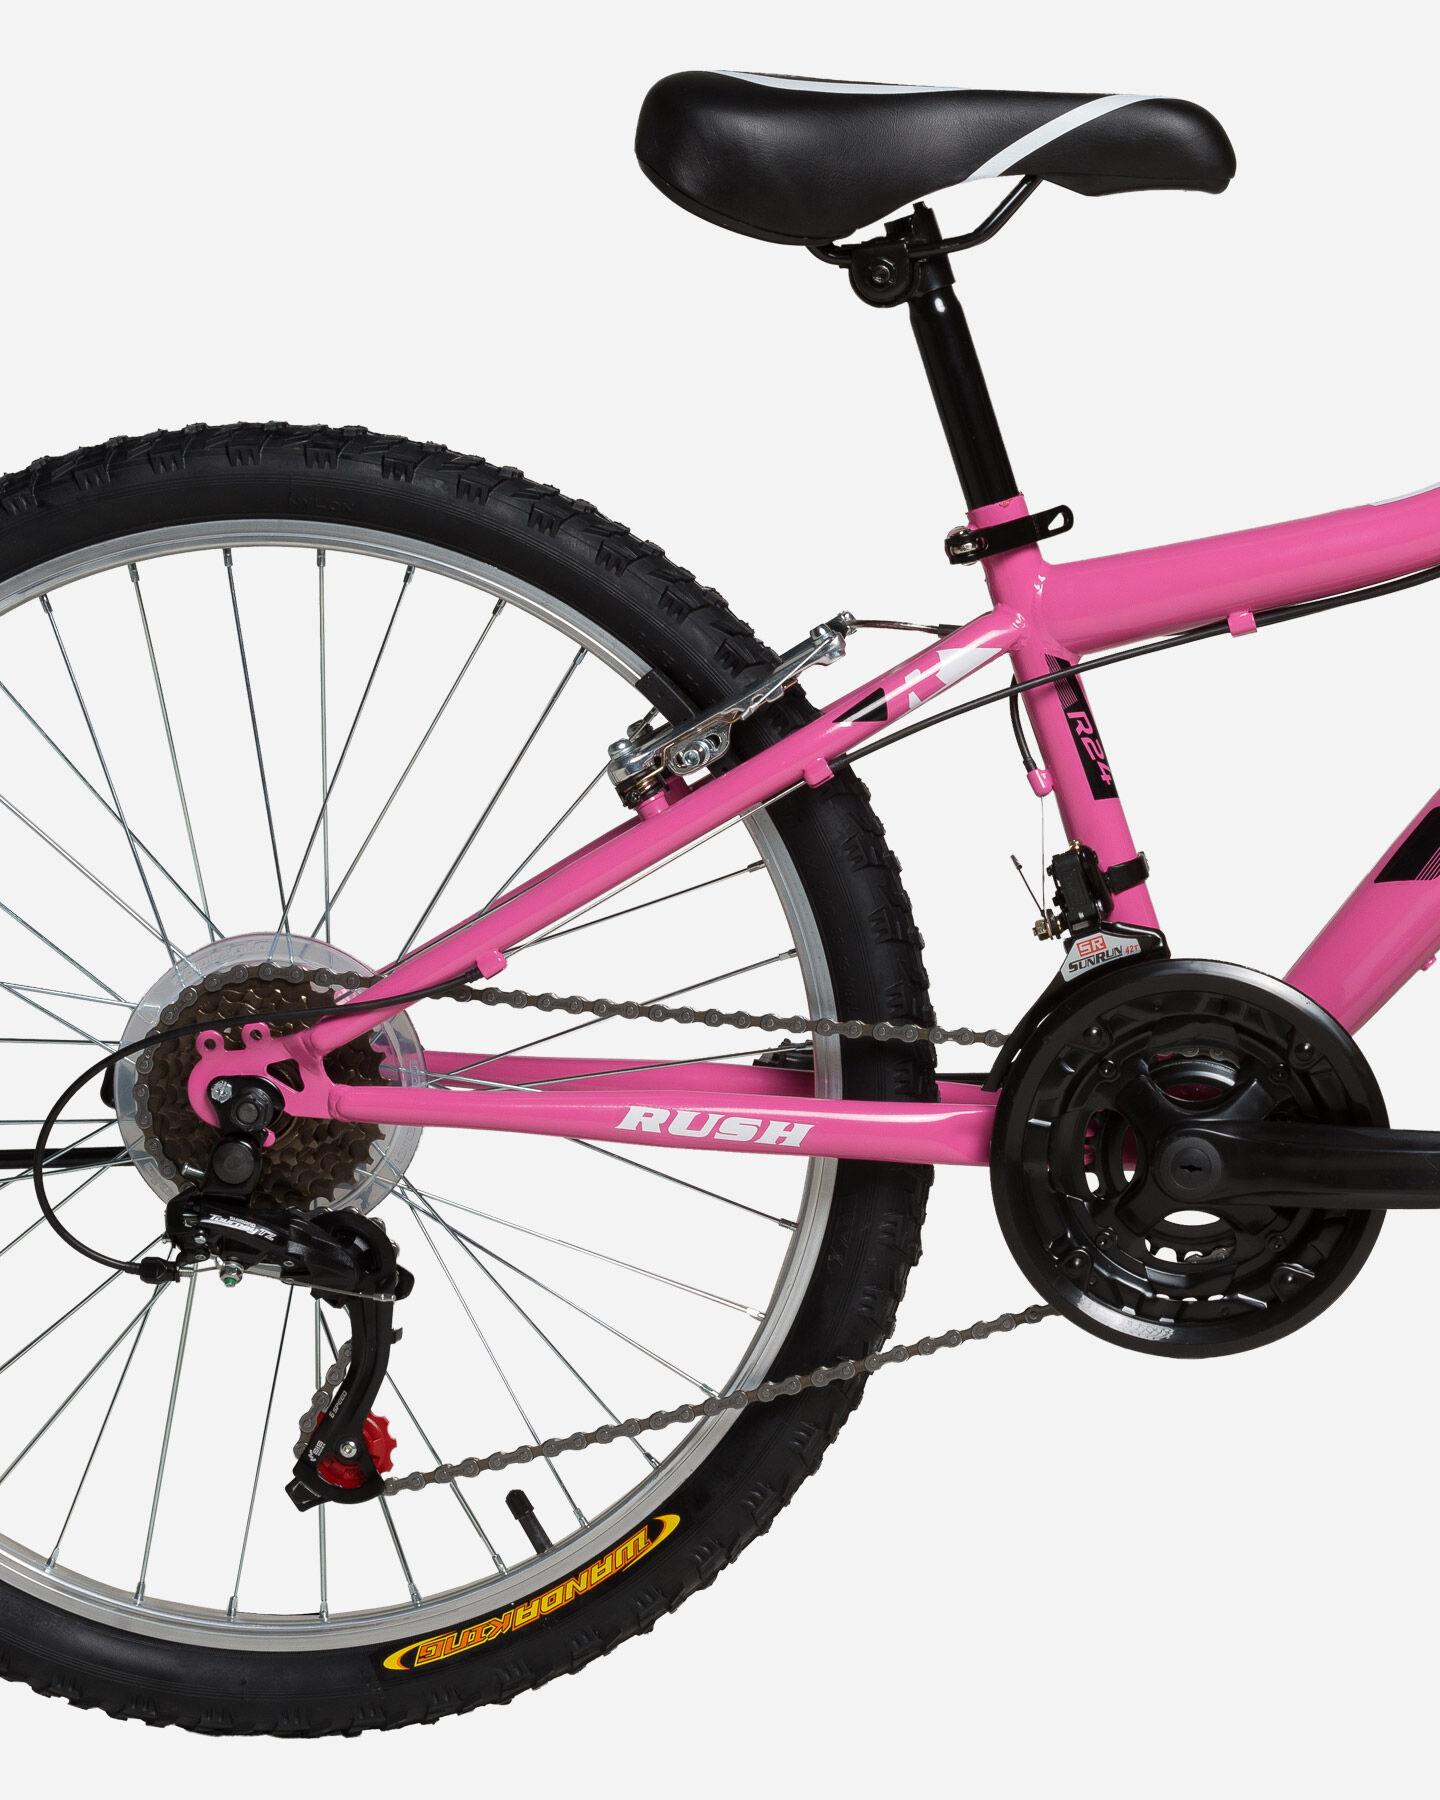 Bici junior RUSH BIKE 24 JR S4081793|1|UNI scatto 1